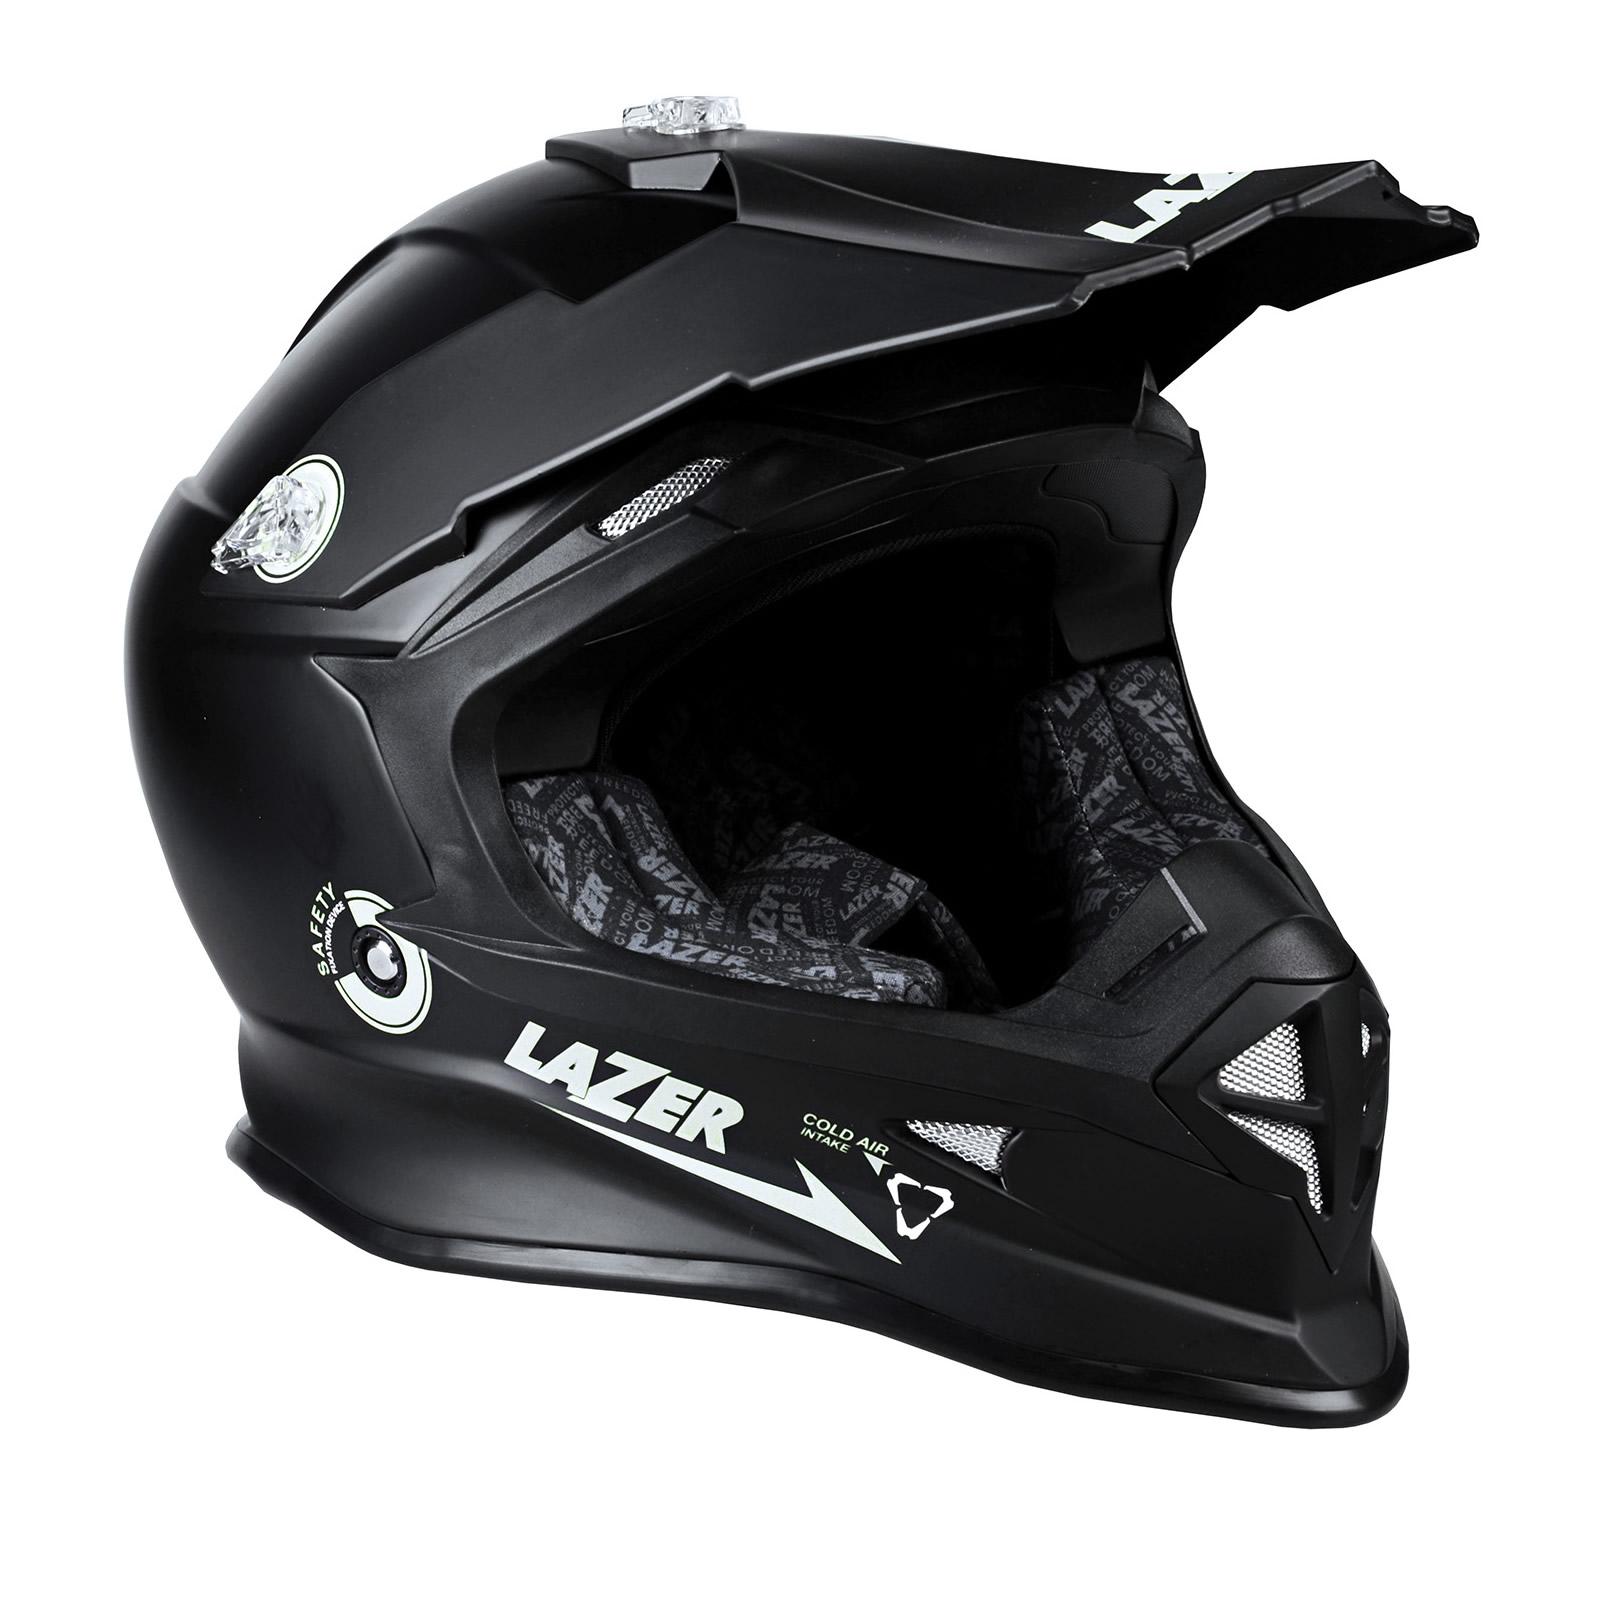 http://images.esellerpro.com/2189/I/284/236/13054-Lazer-X8-Xline-Pure-Motocross-Helmet-Black-Matt-White-1600-1.jpg